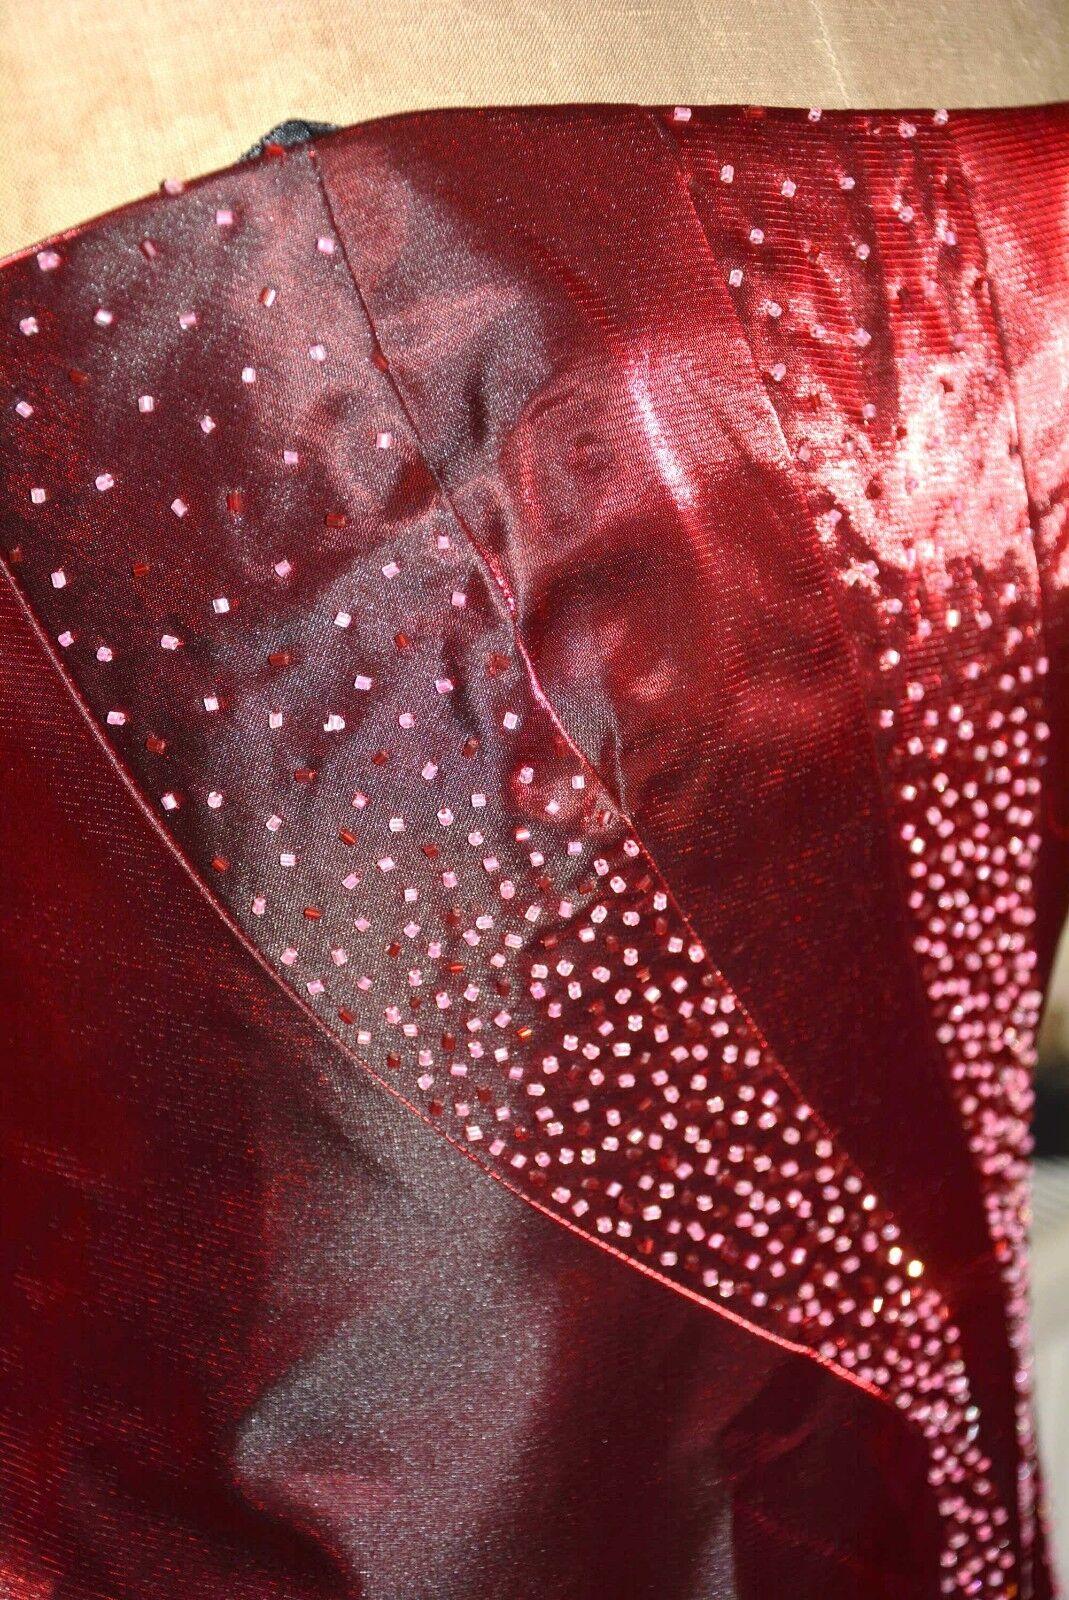 NUOVA incredibile Abito da ballo Abito da da da sera ballo party crociera Taglia 10 con Perline SPECIALI OC 56f4c4